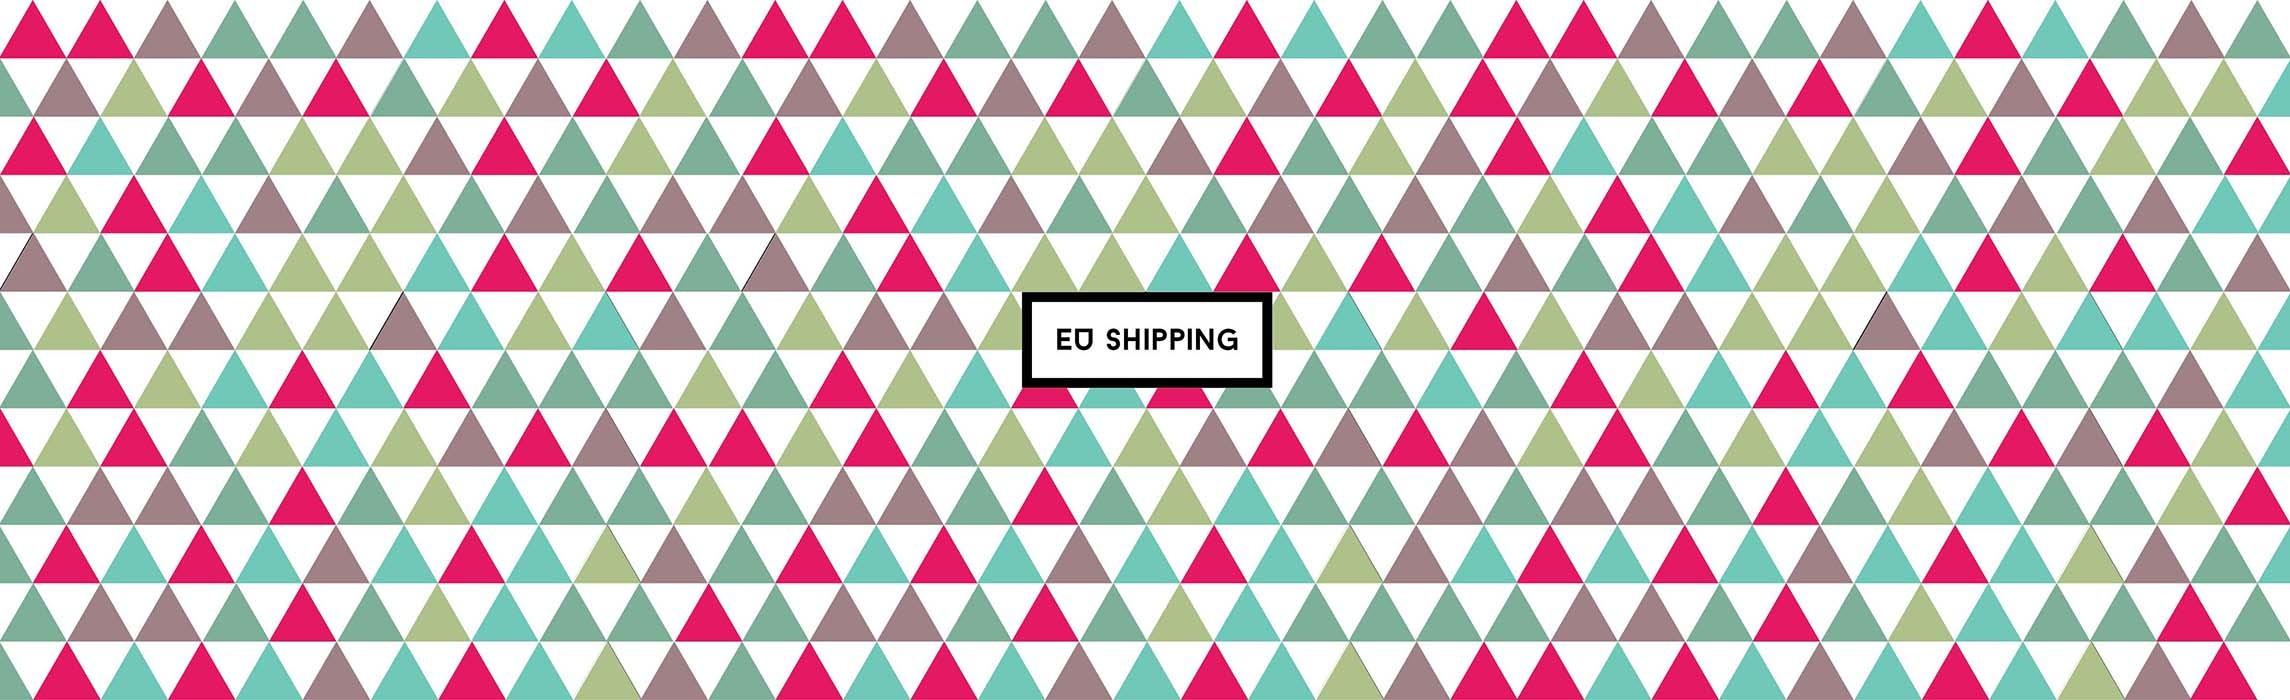 eu_shipping